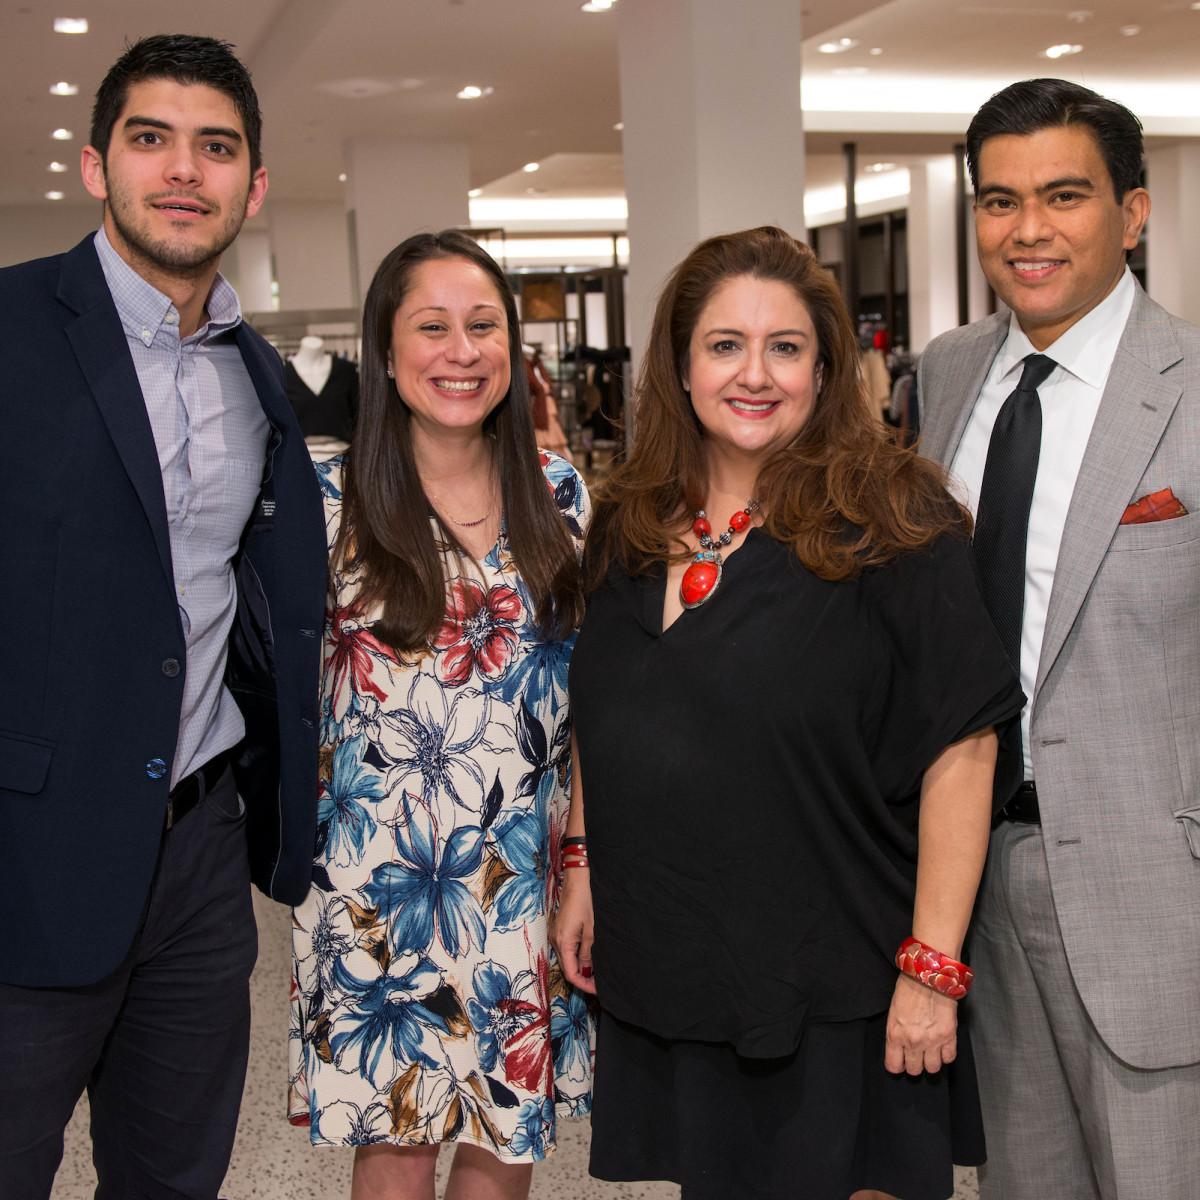 Houston, Latin Women's Initiative Fashion Show and Luncheon, feb 2017, Hector Pena, Lauren Soliz, Sonia Soto, Jose Medrano